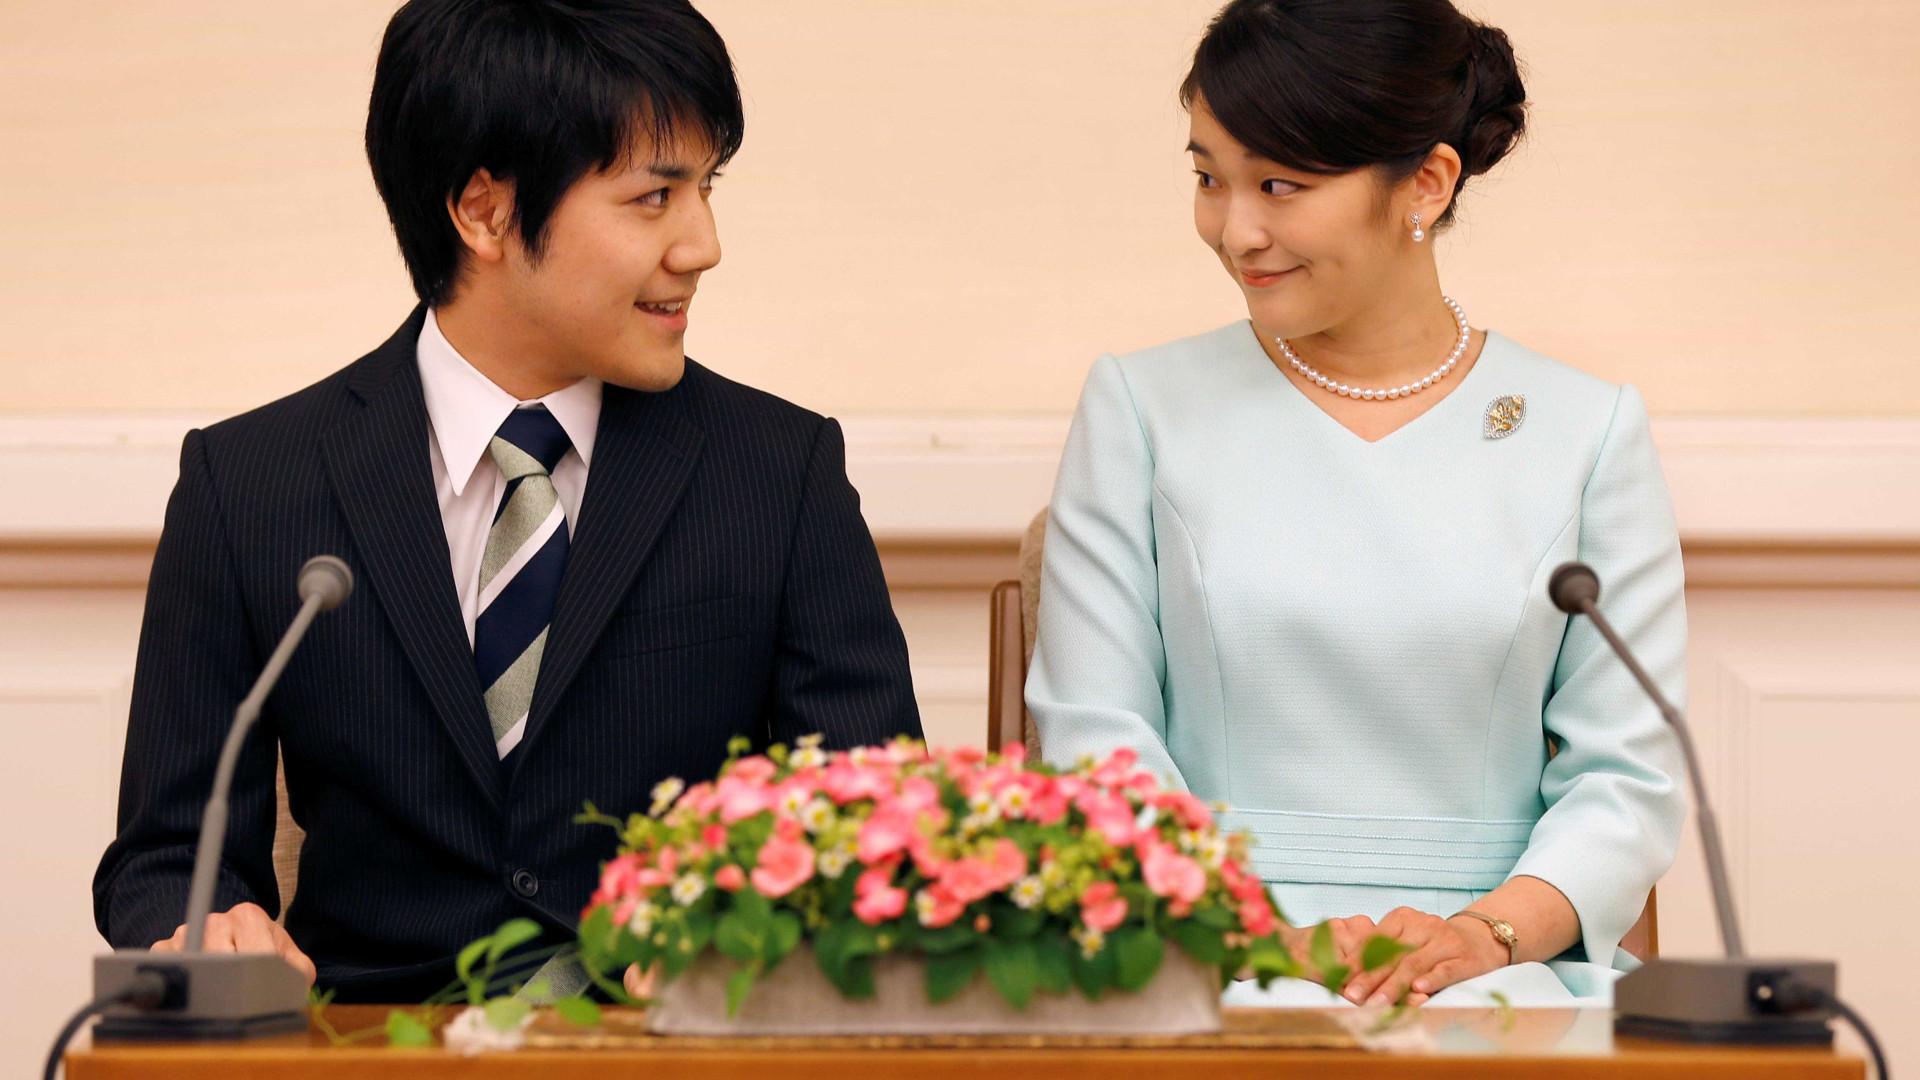 """Princesa do Japão adia casamento por causa de """"imaturidade"""""""